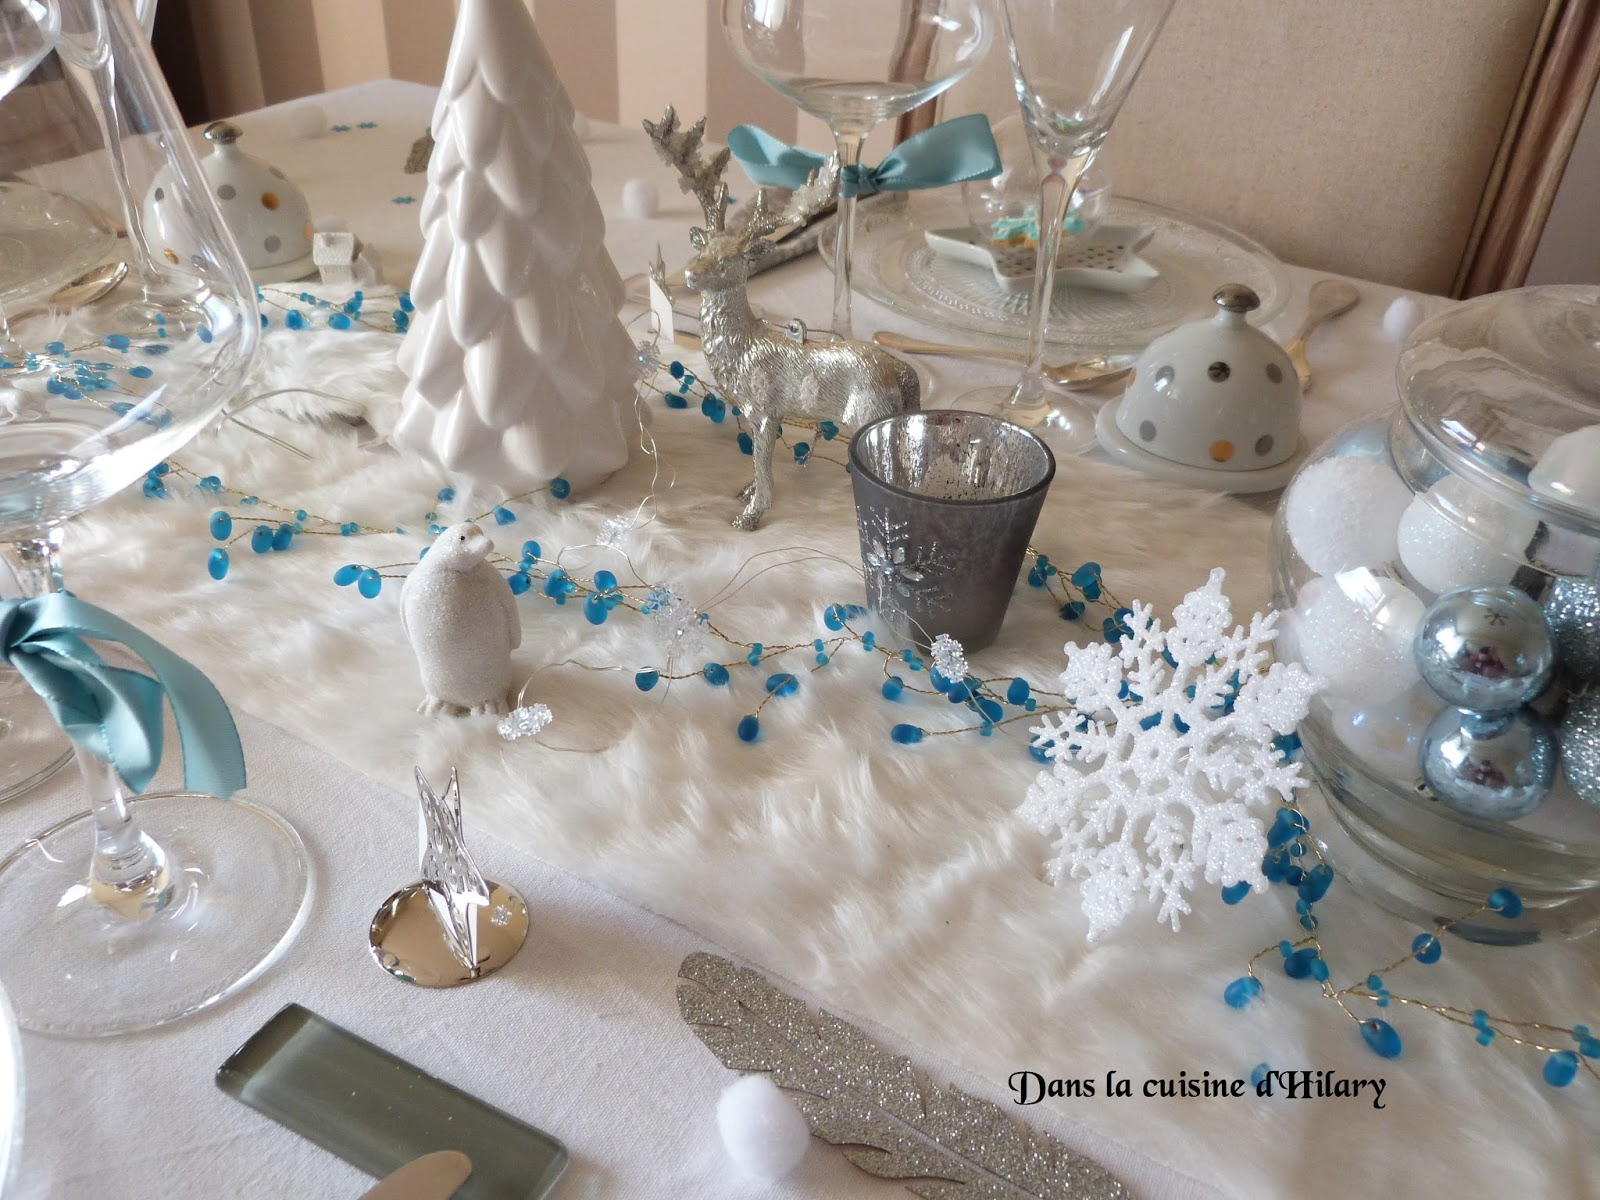 #3C6778 Dans La Cuisine D'Hilary: Ma Table De Noël Polaire En Bleu  6067 decoration de noel theme polaire 1600x1200 px @ aertt.com